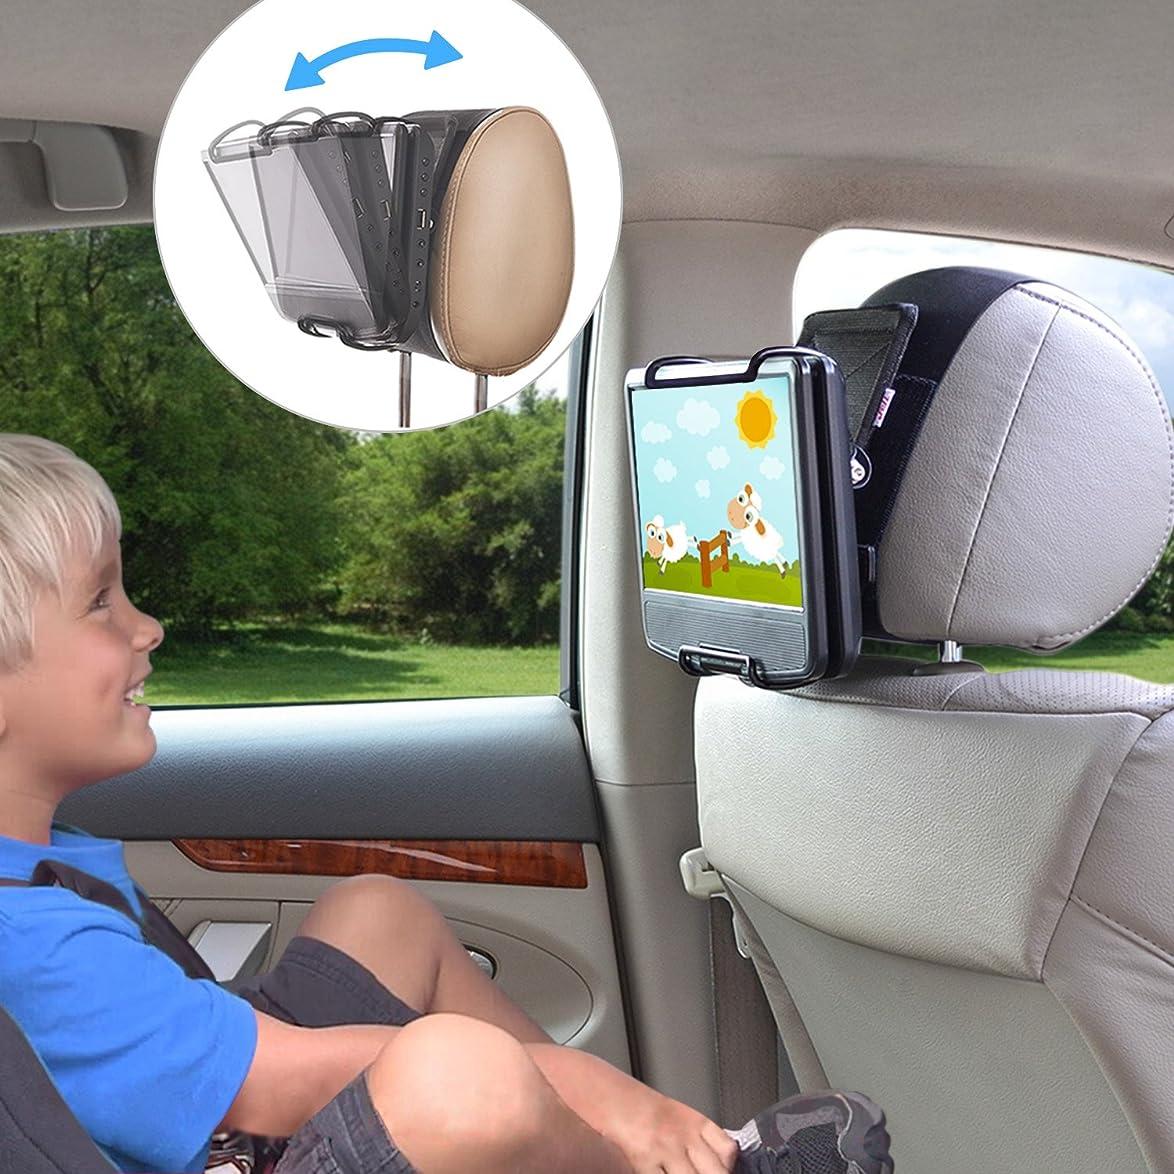 処方延ばすコンピューターゲームをプレイするタブレット ホルダー 車 カー 車載 カップ ドリンクホルダー 移動が簡単 固定型 フレキシブル アーム 簡単設置 360度回転 調整が自由 強い 丈夫 頑丈設計 縦横自在 BEATON JAPAN